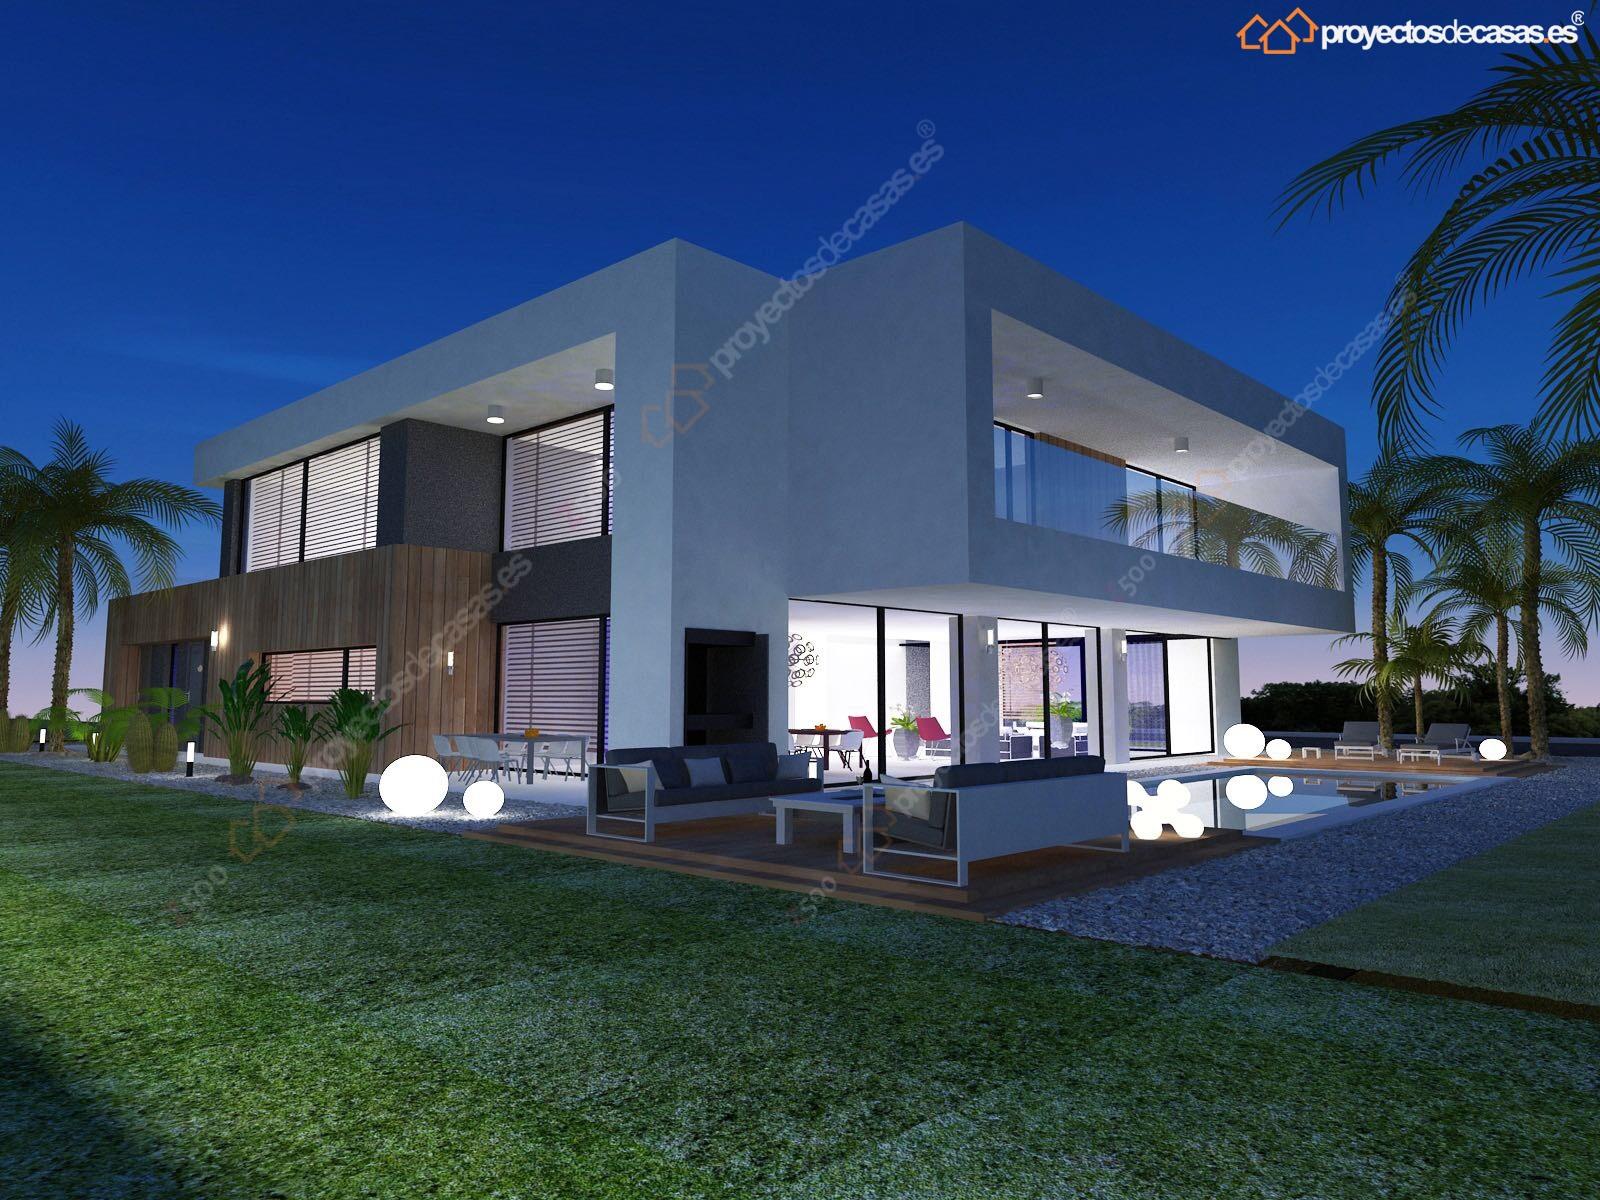 Casa de lujo barcelona proyectos de casas - Casas de lujo modernas ...